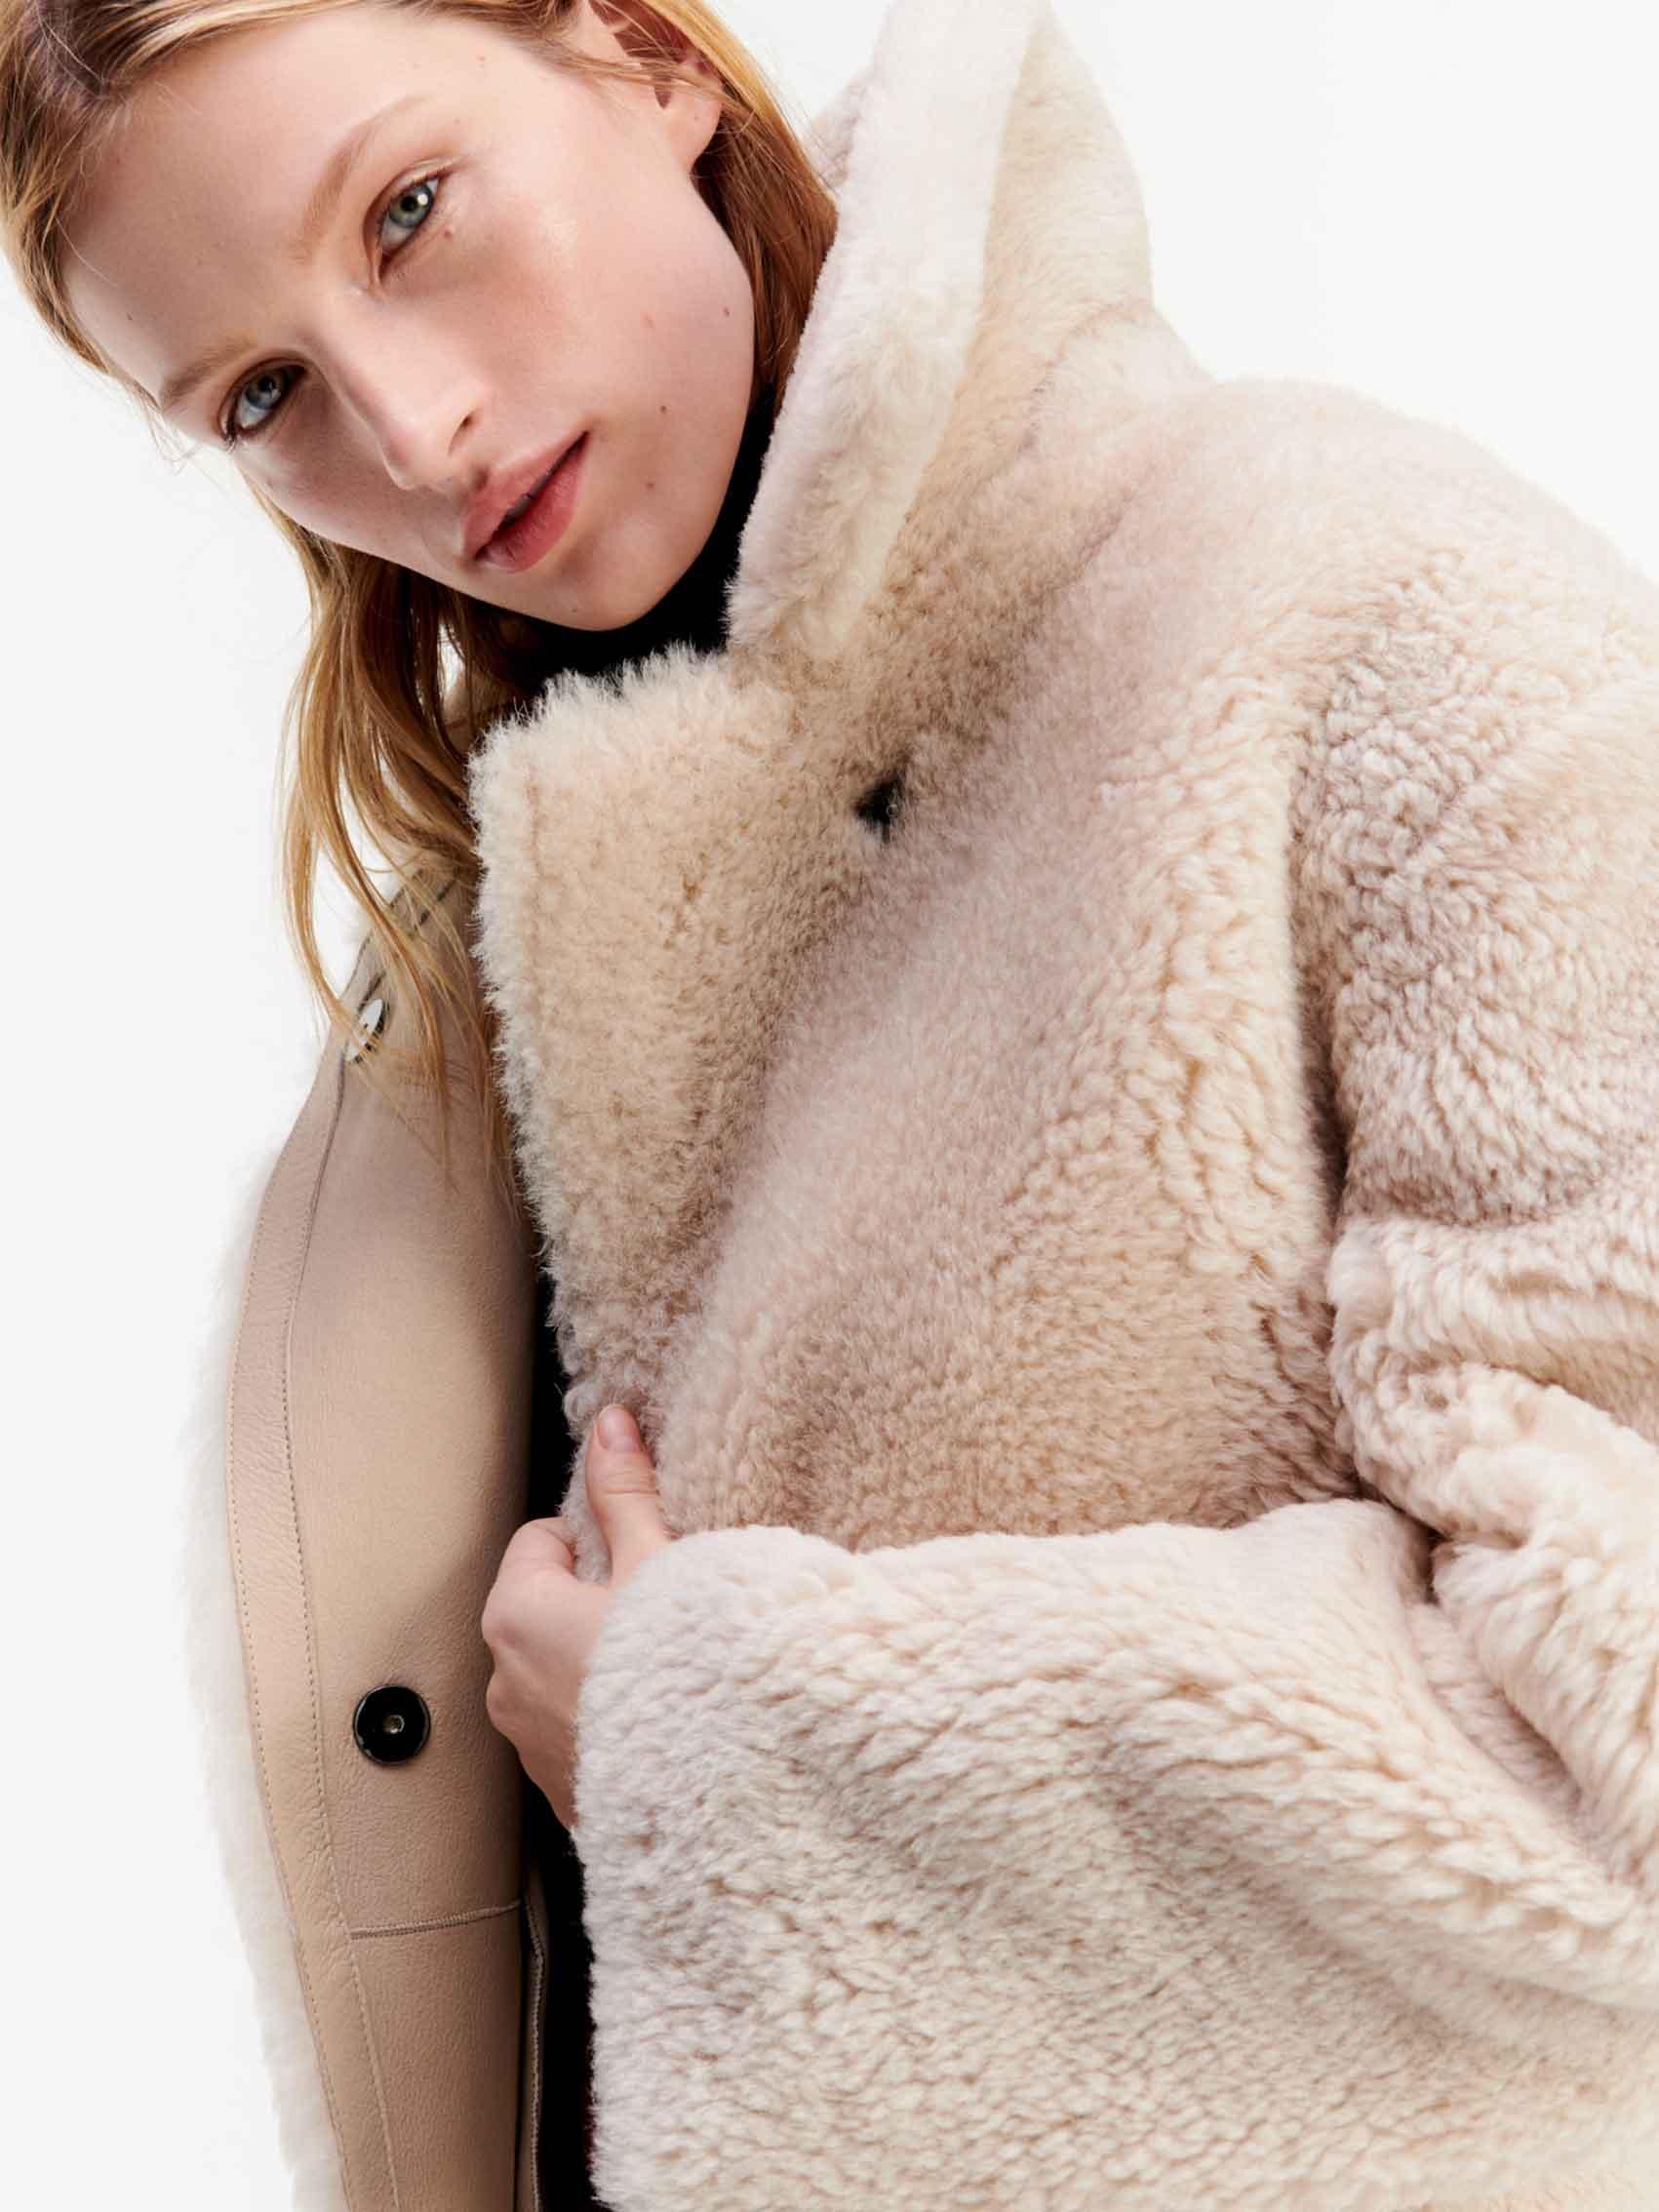 tommy-hilfiger--מעיל-זקט-עור-חדשות-האופנה